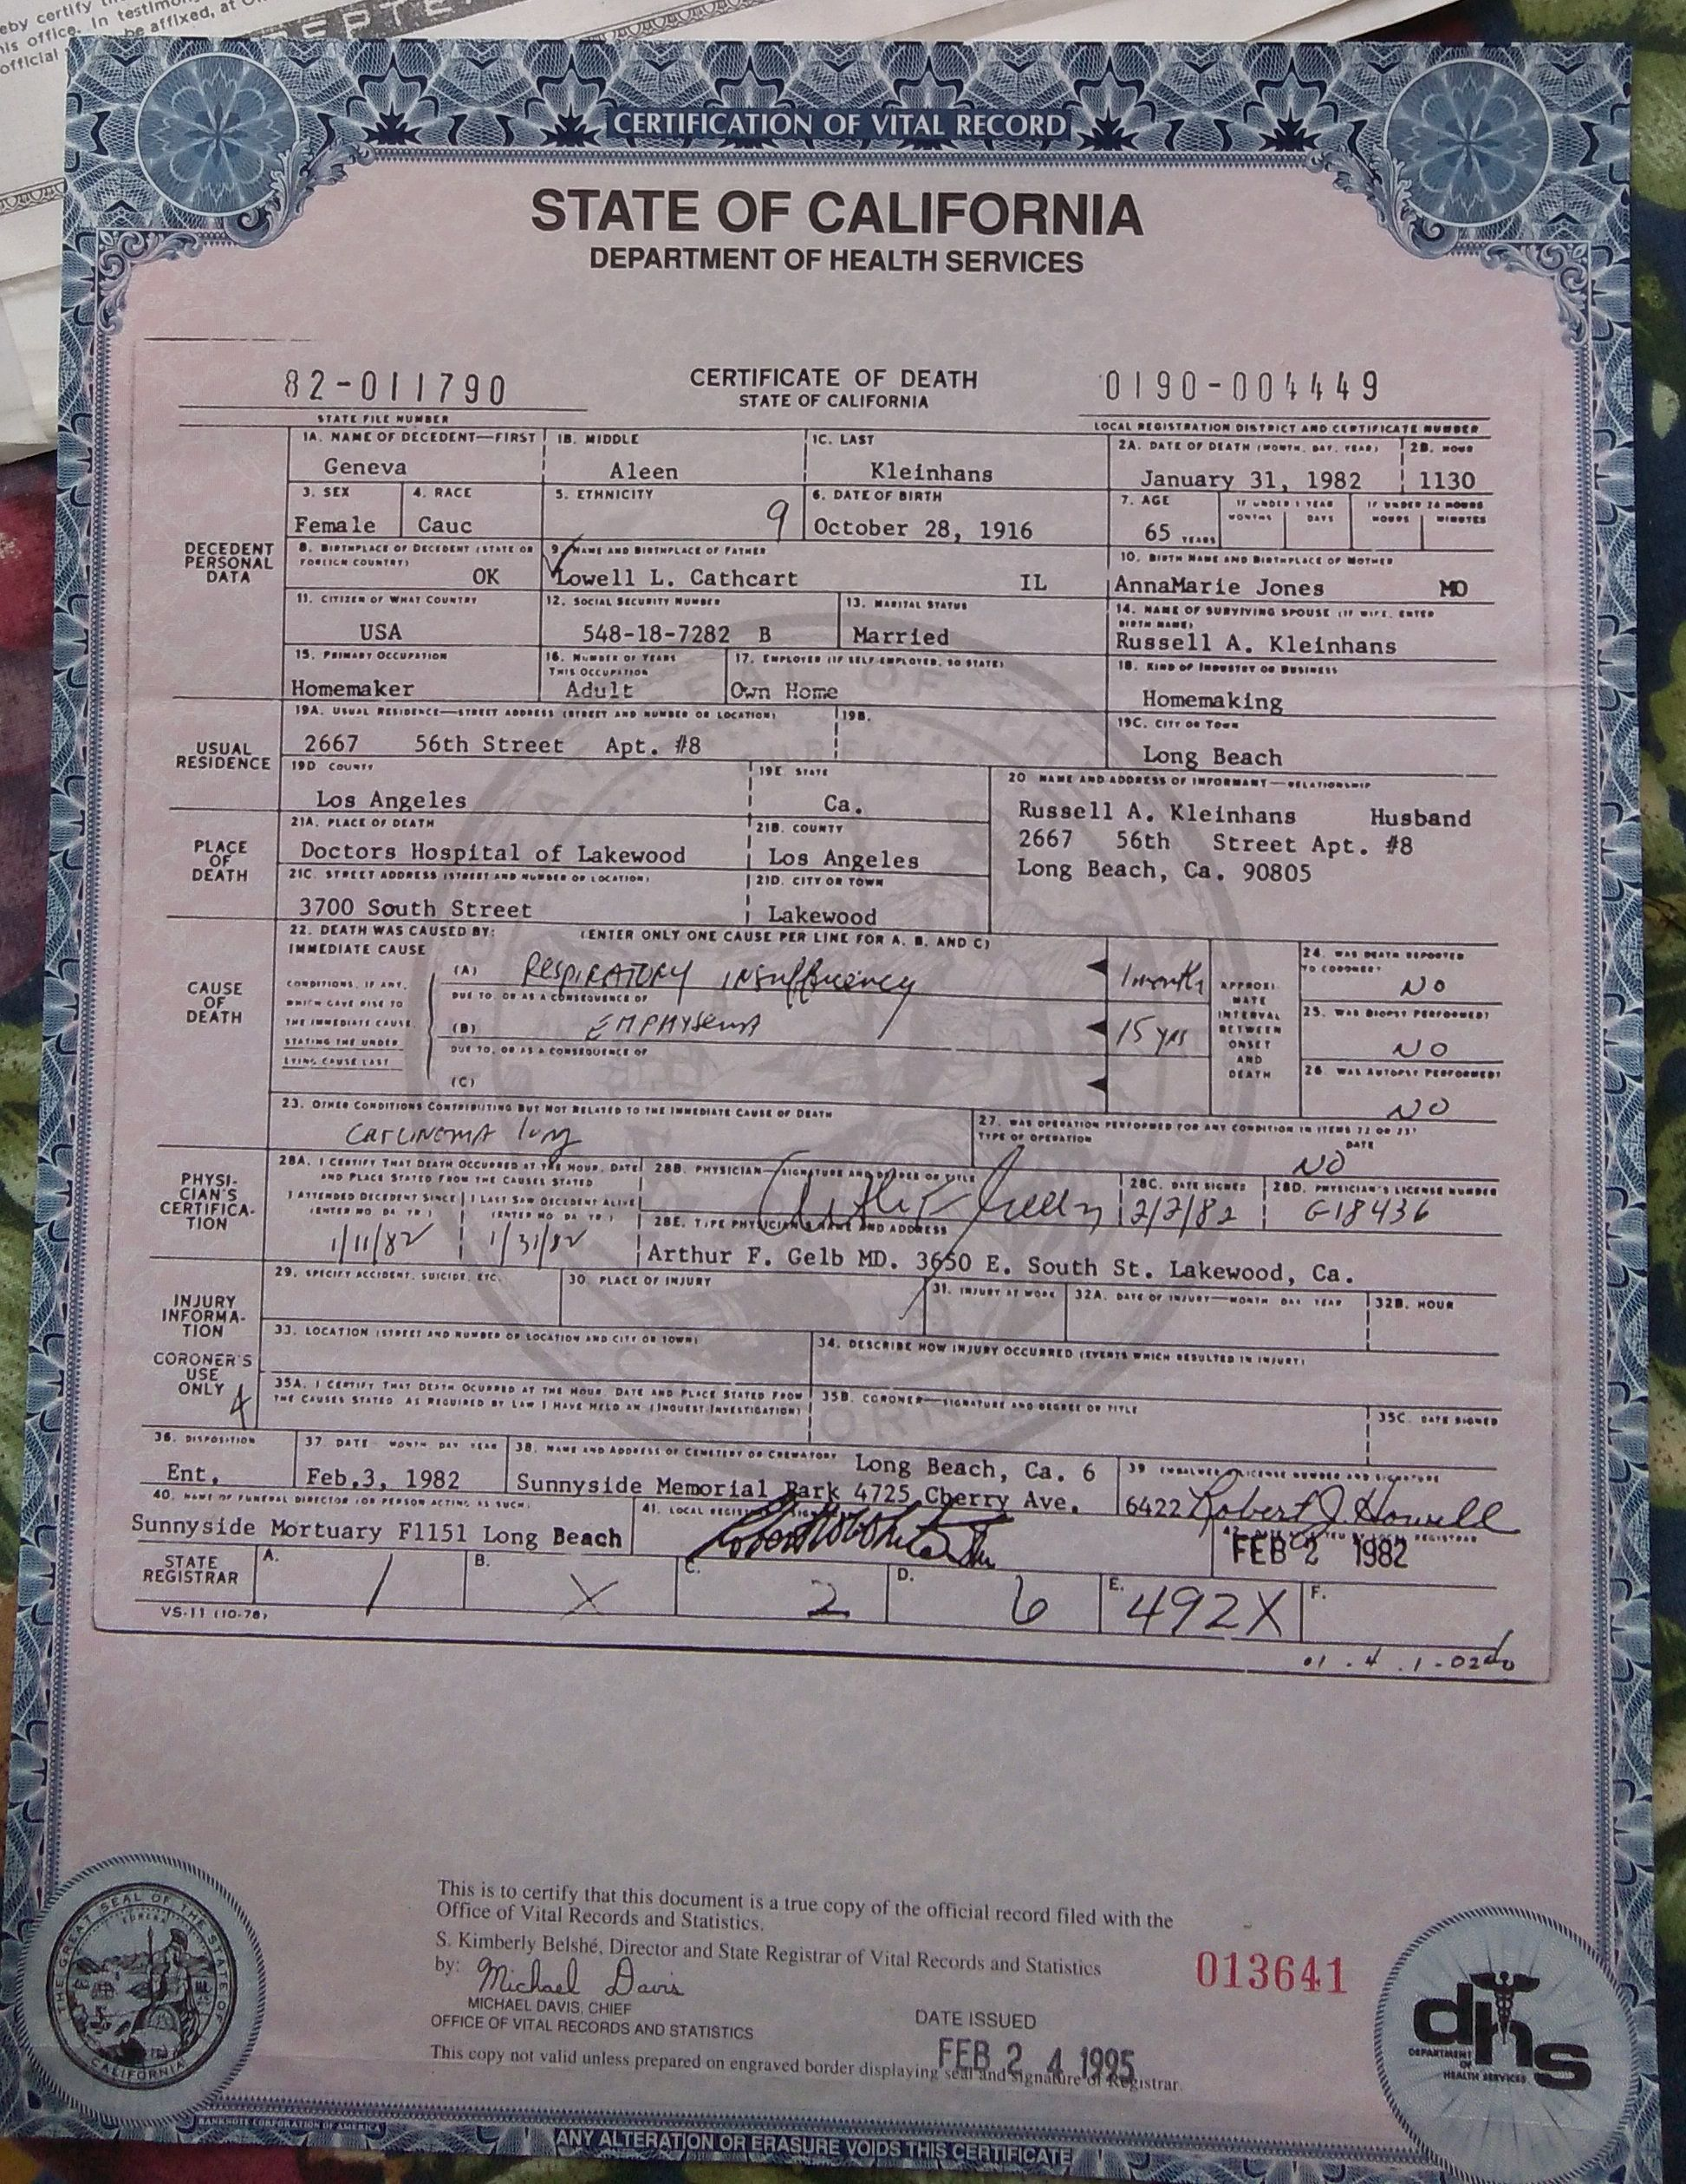 Colorado Birth Certificate